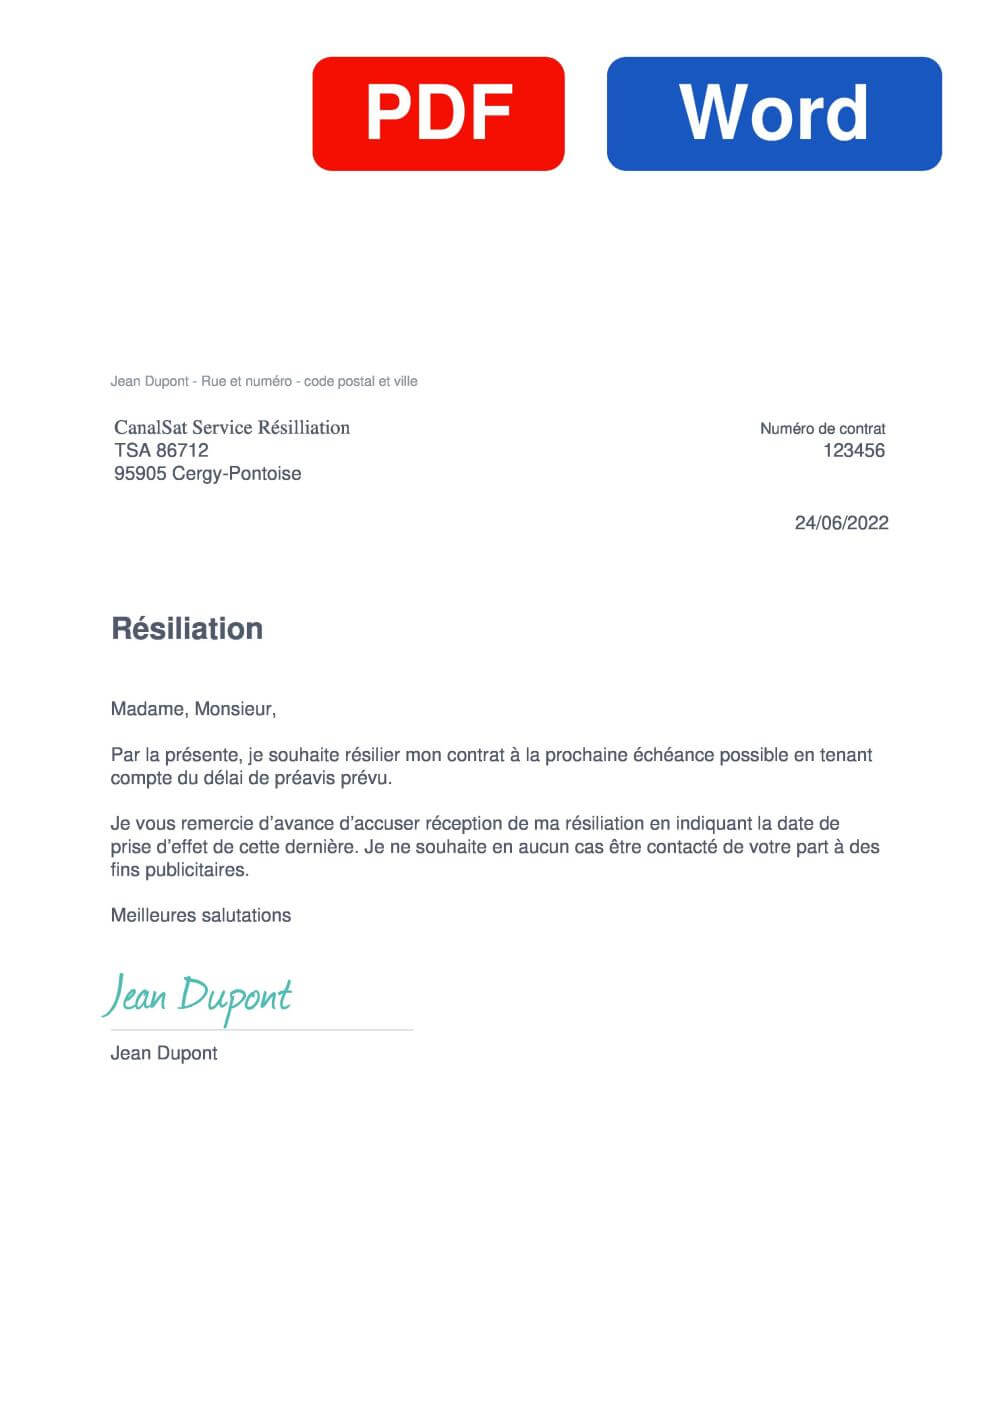 CANALSAT Modèle de lettre de résiliation